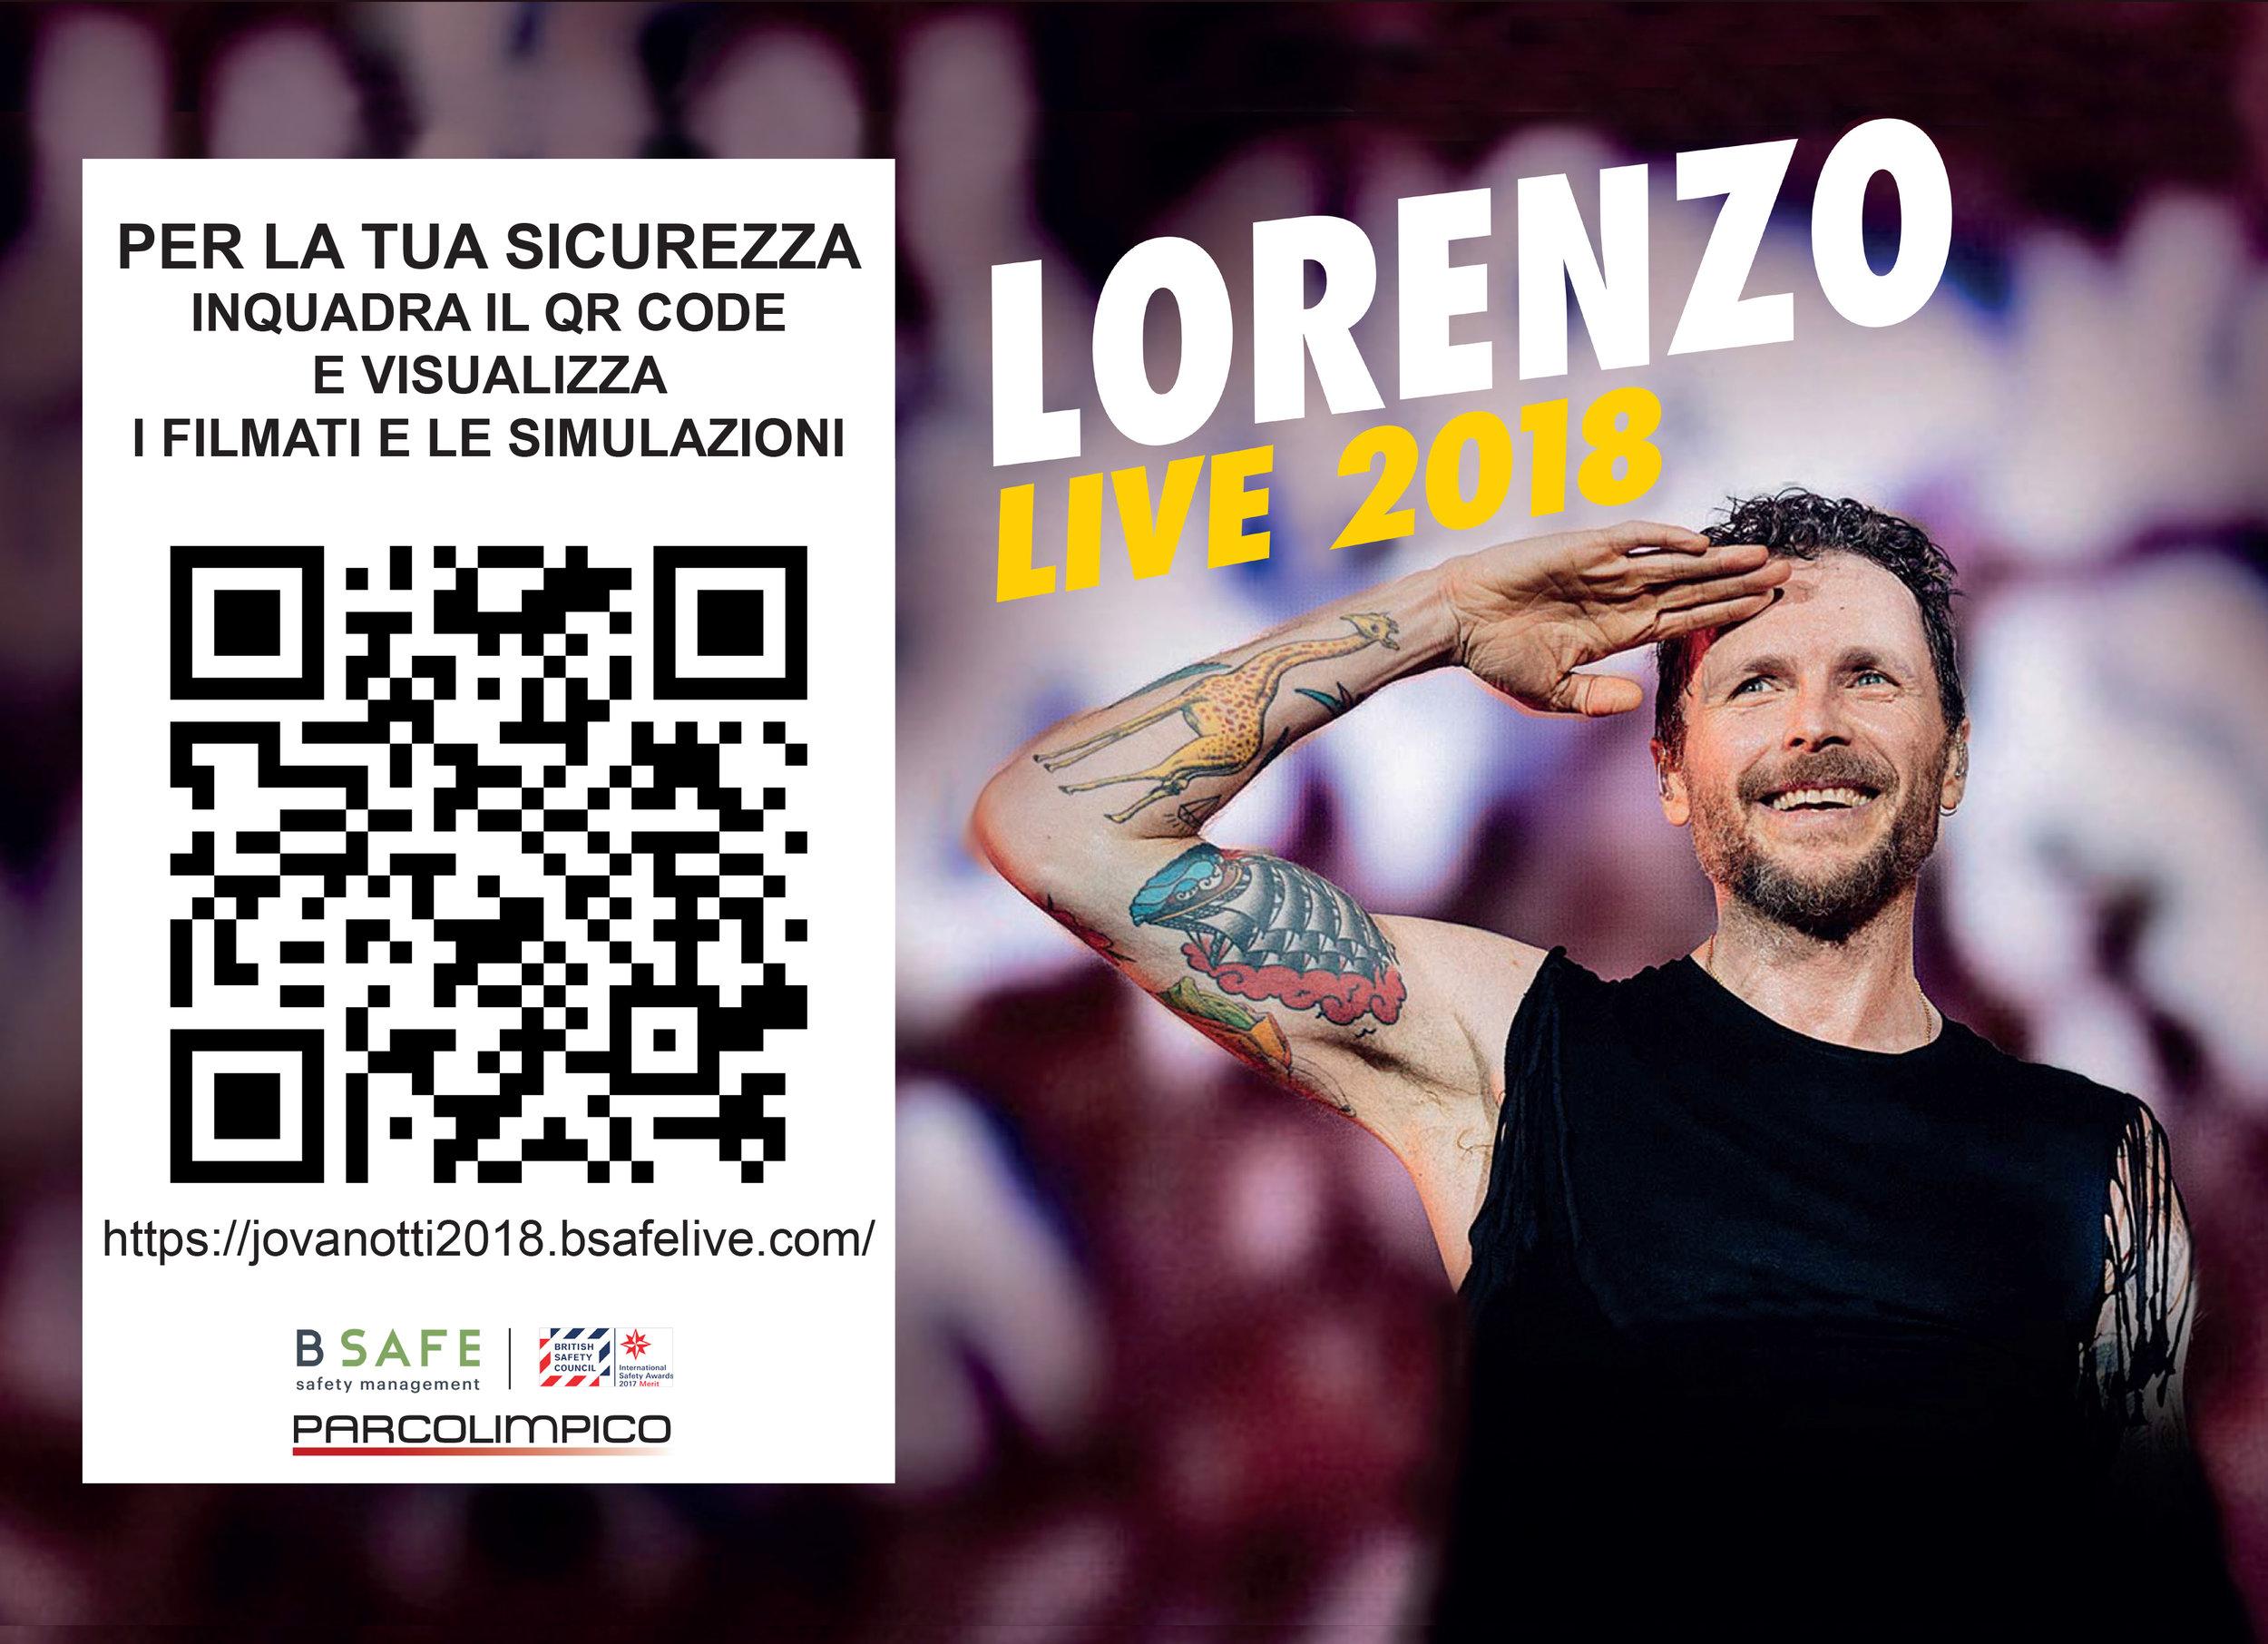 Lorenzo Live 2018.jpg